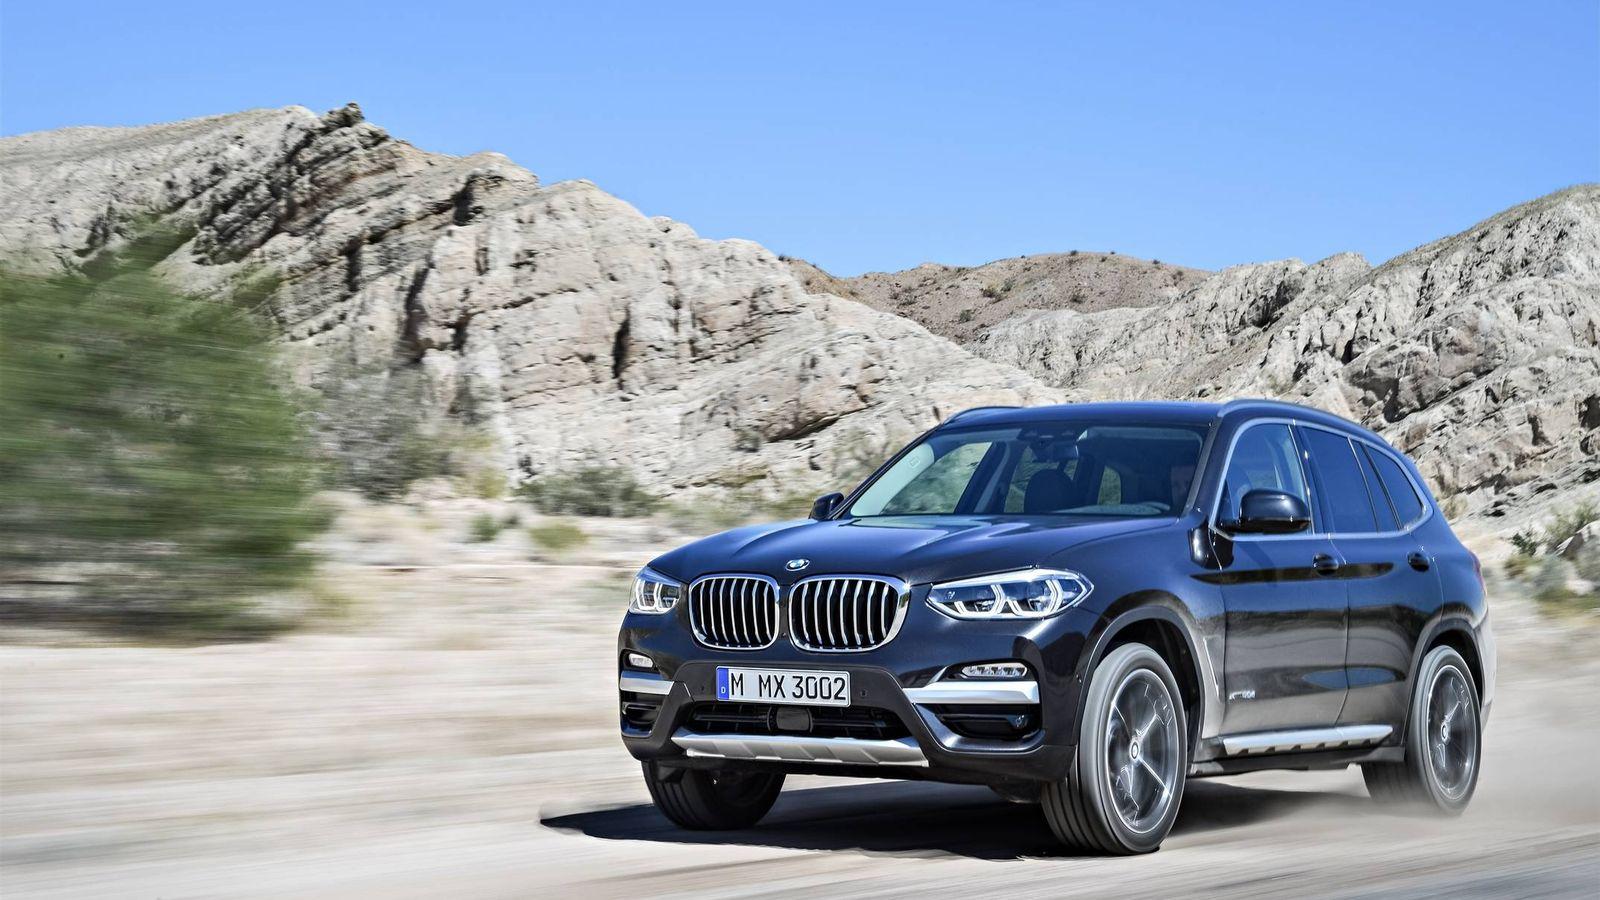 Foto: Más tecnologías, más conducción autónoma en el nuevo BMW X3.